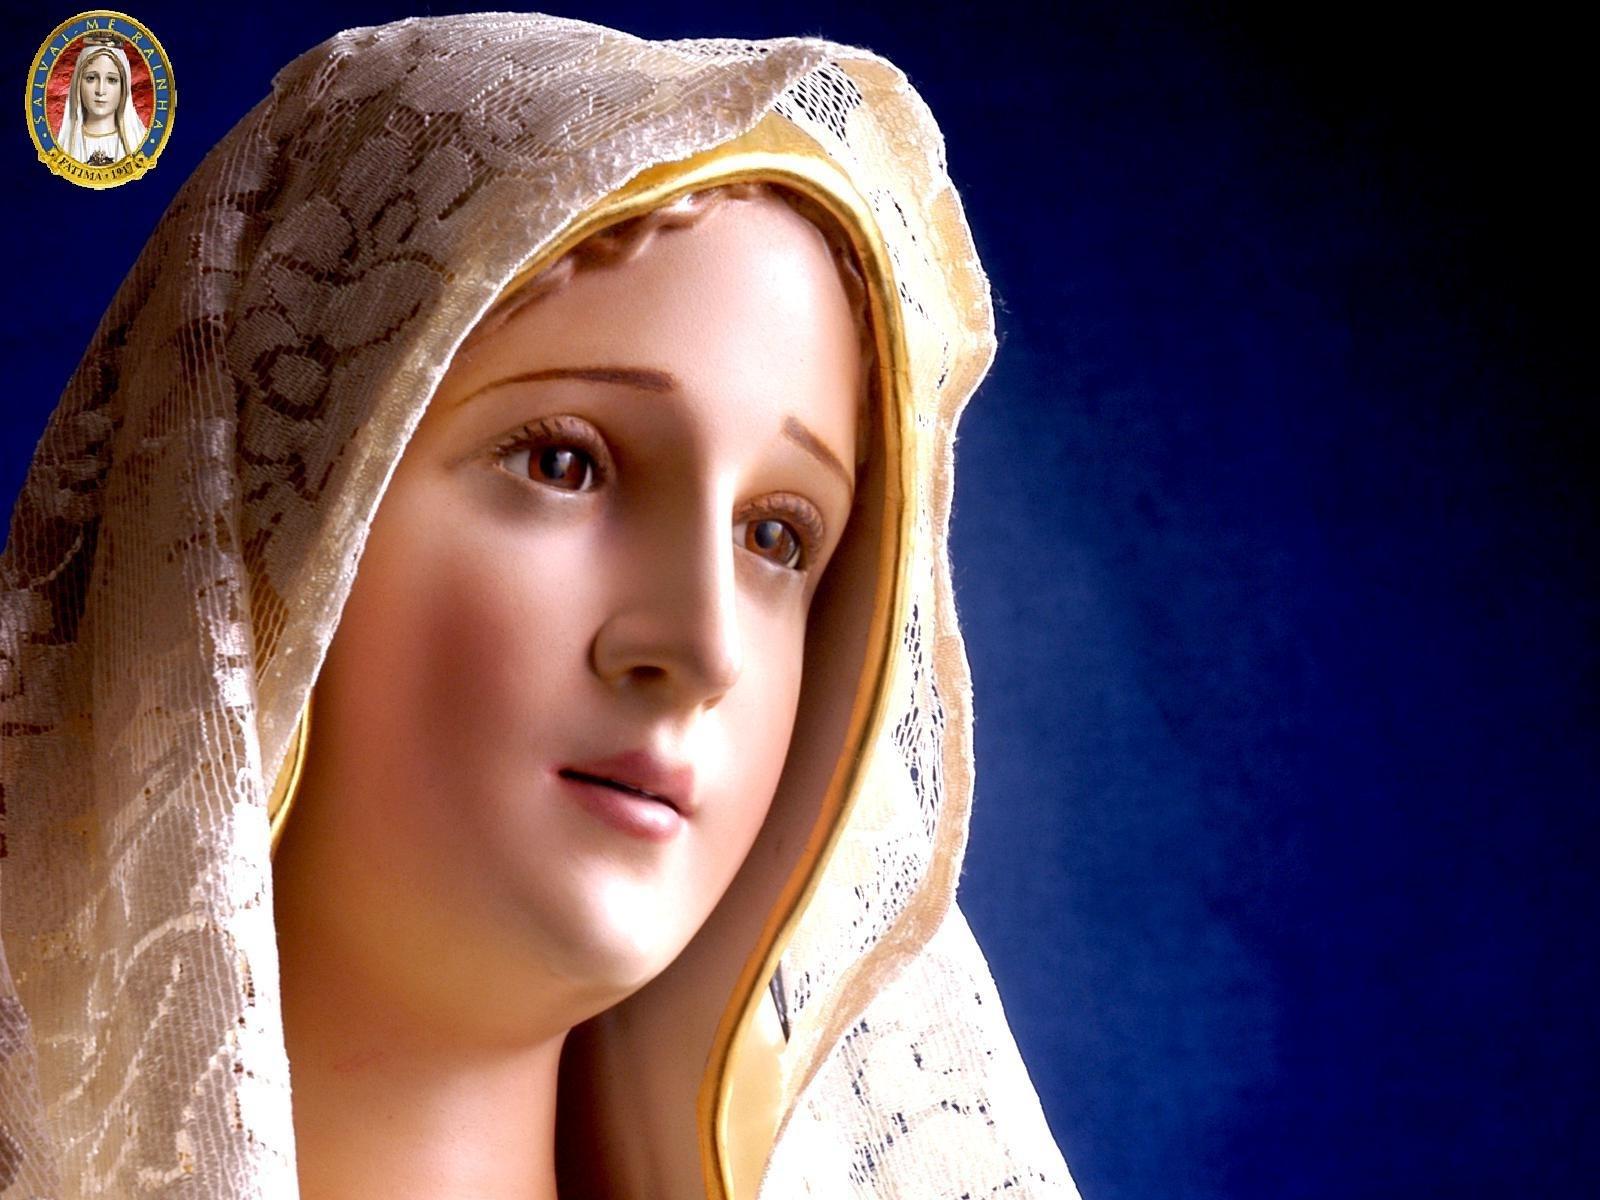 Conmemoracion De La Santisima Virgen Maria